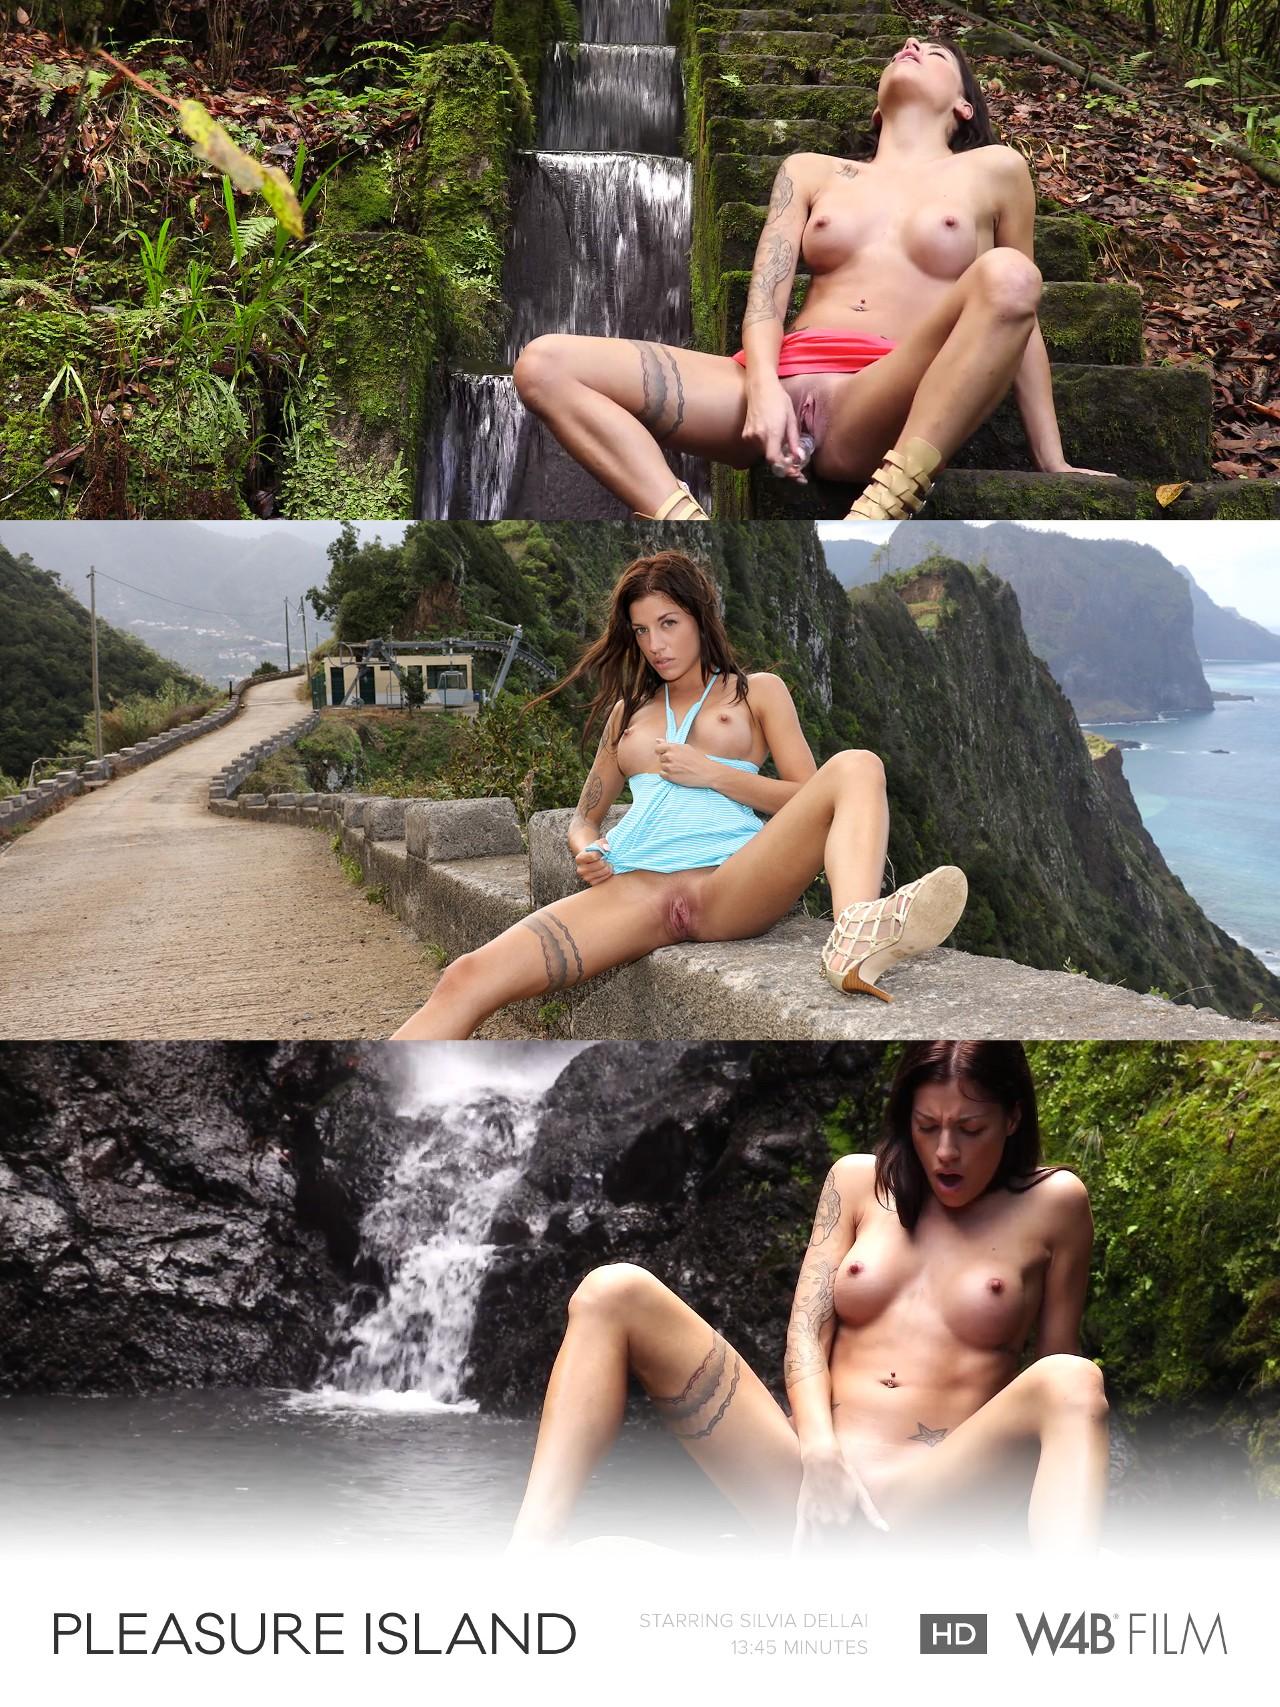 Dellai Twins: Pleasure Island